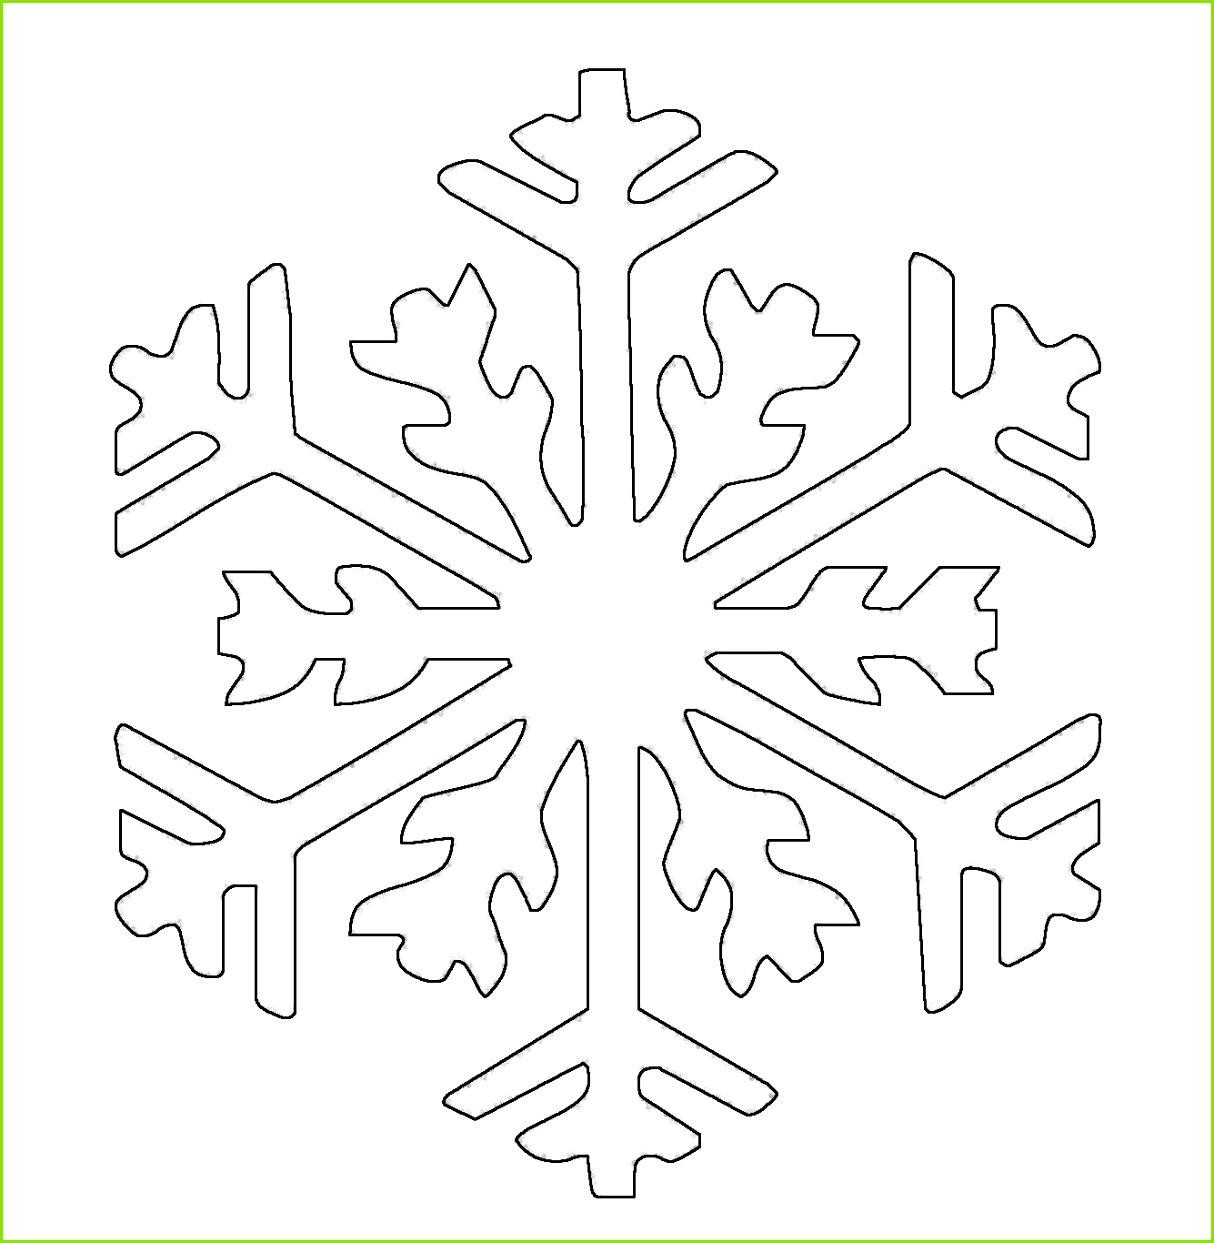 Bildergebnis für schneeflocken malvorlage Papier Schneeflocke Vorlage Schneeflocke Zeichnen Sterne Basteln Weihnachtsstern